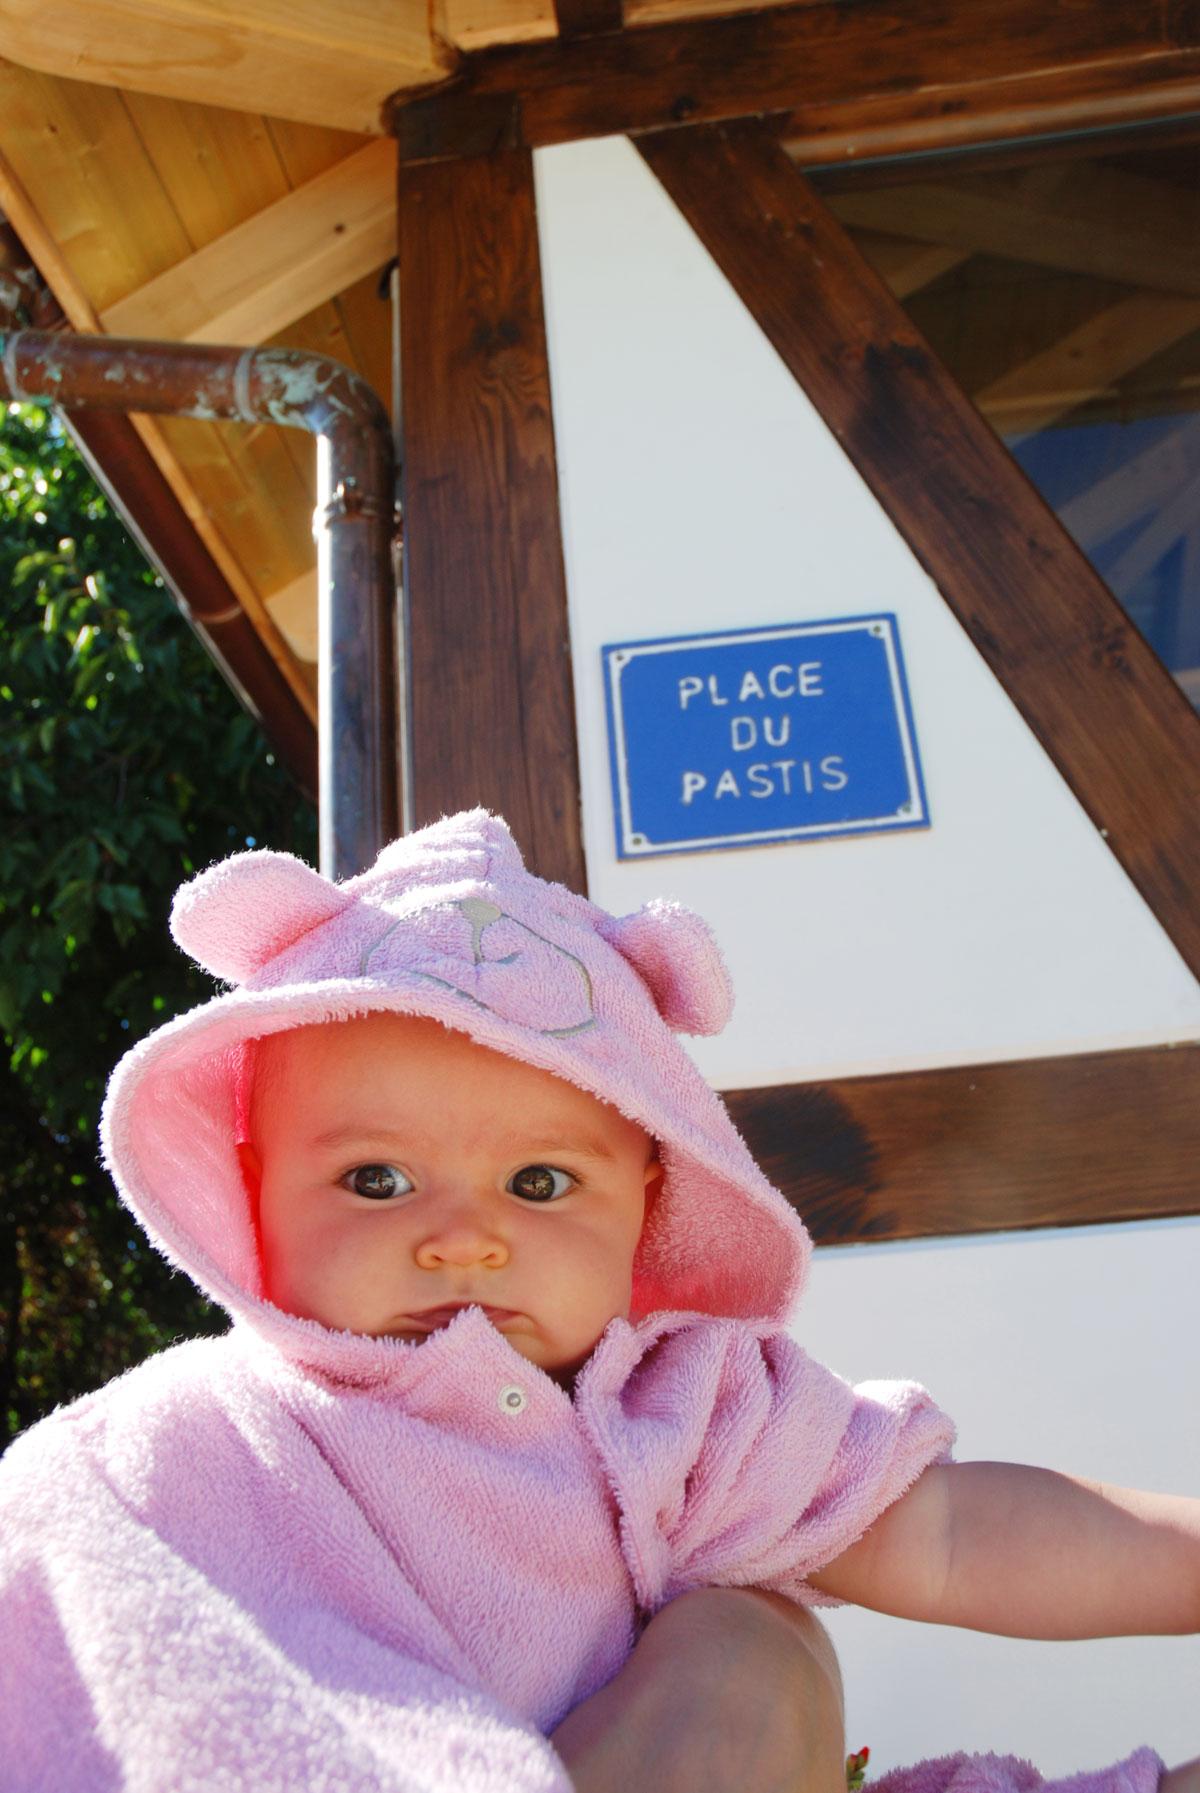 Mes Vacances Alsace Plage Par Liloo Edgar Karen Et Thomas Burkl Alx Water Jogging Belt Terlaris Dsc 6223